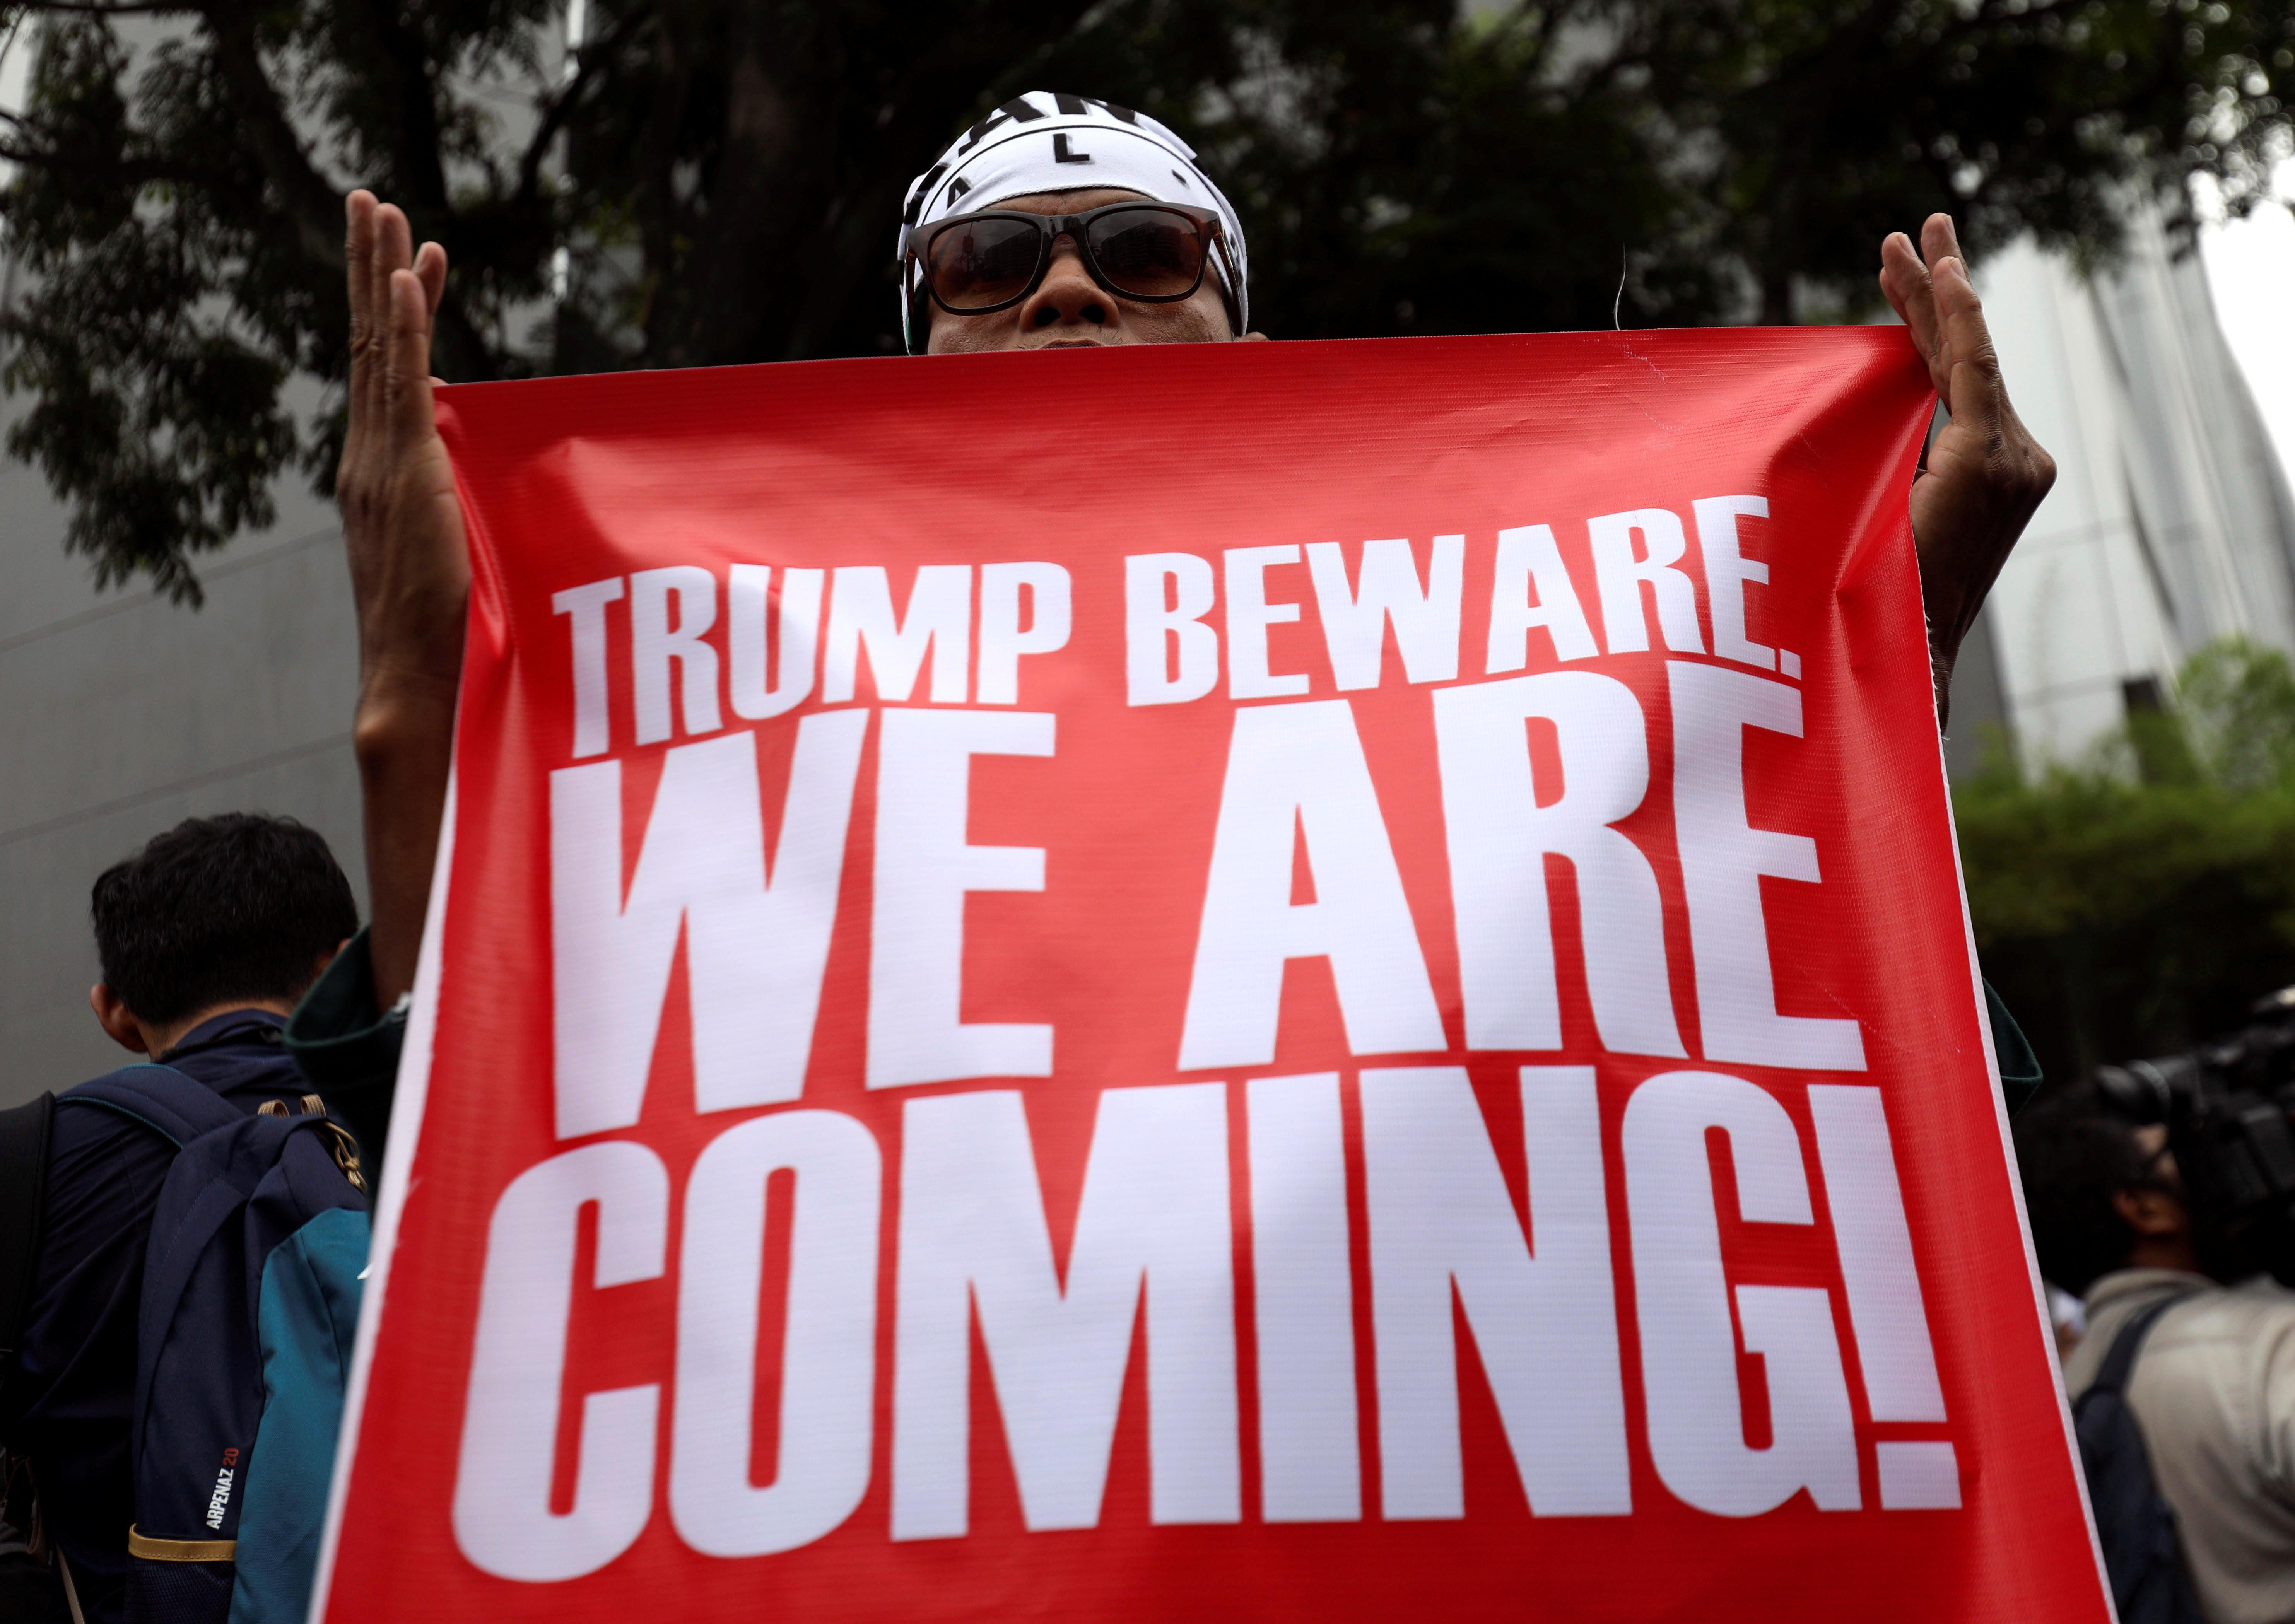 متظاهر يوجه رسالة لترامب نحن قادمون